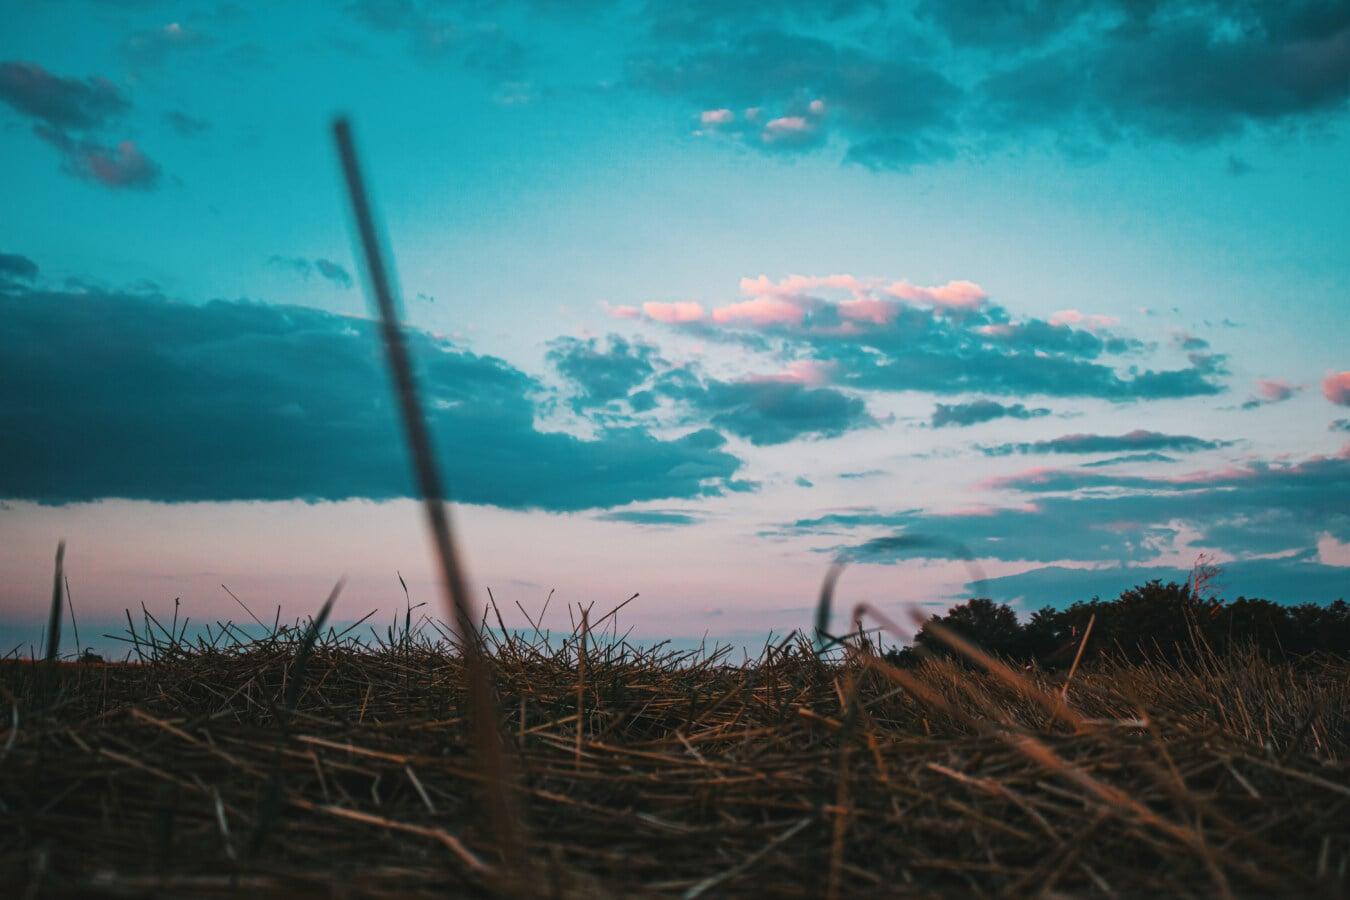 Dämmerung, landwirtschaftlich, Feld, Heu-Feld, schlechtes Wetter, bewölkt, Herbstsaison, Sonnenuntergang, Landschaft, Dämmerung